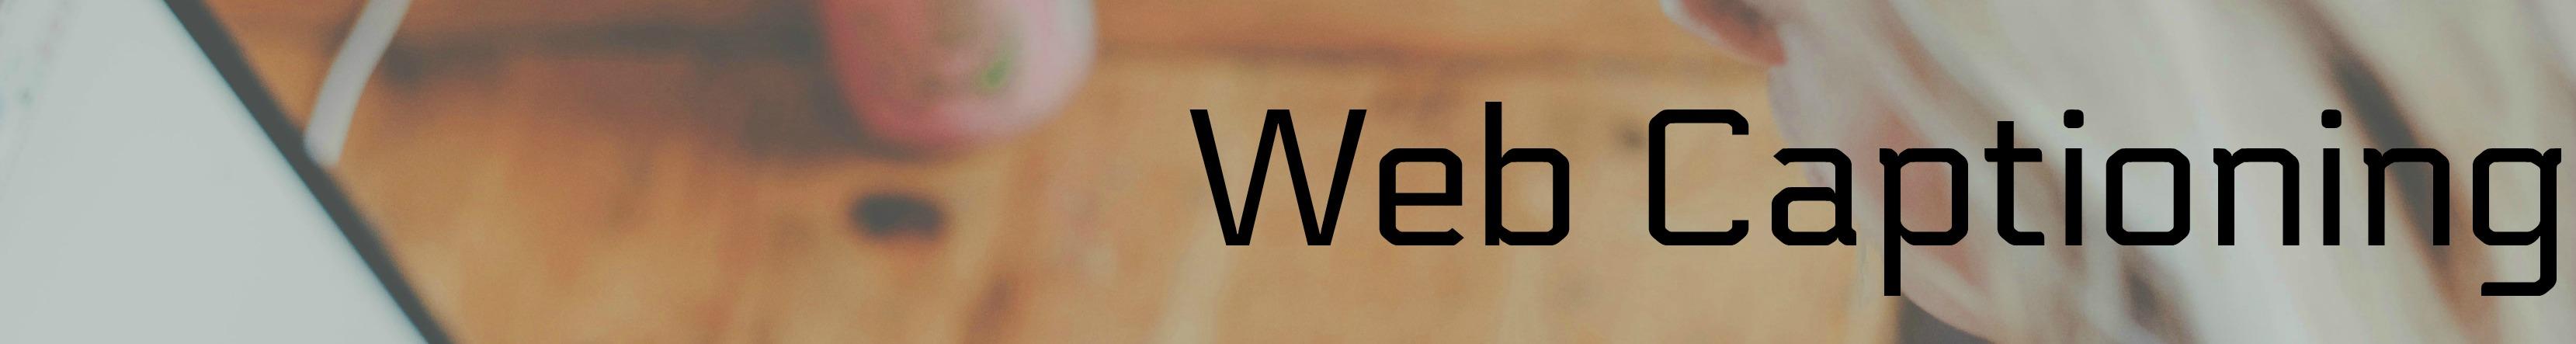 Web Captioning